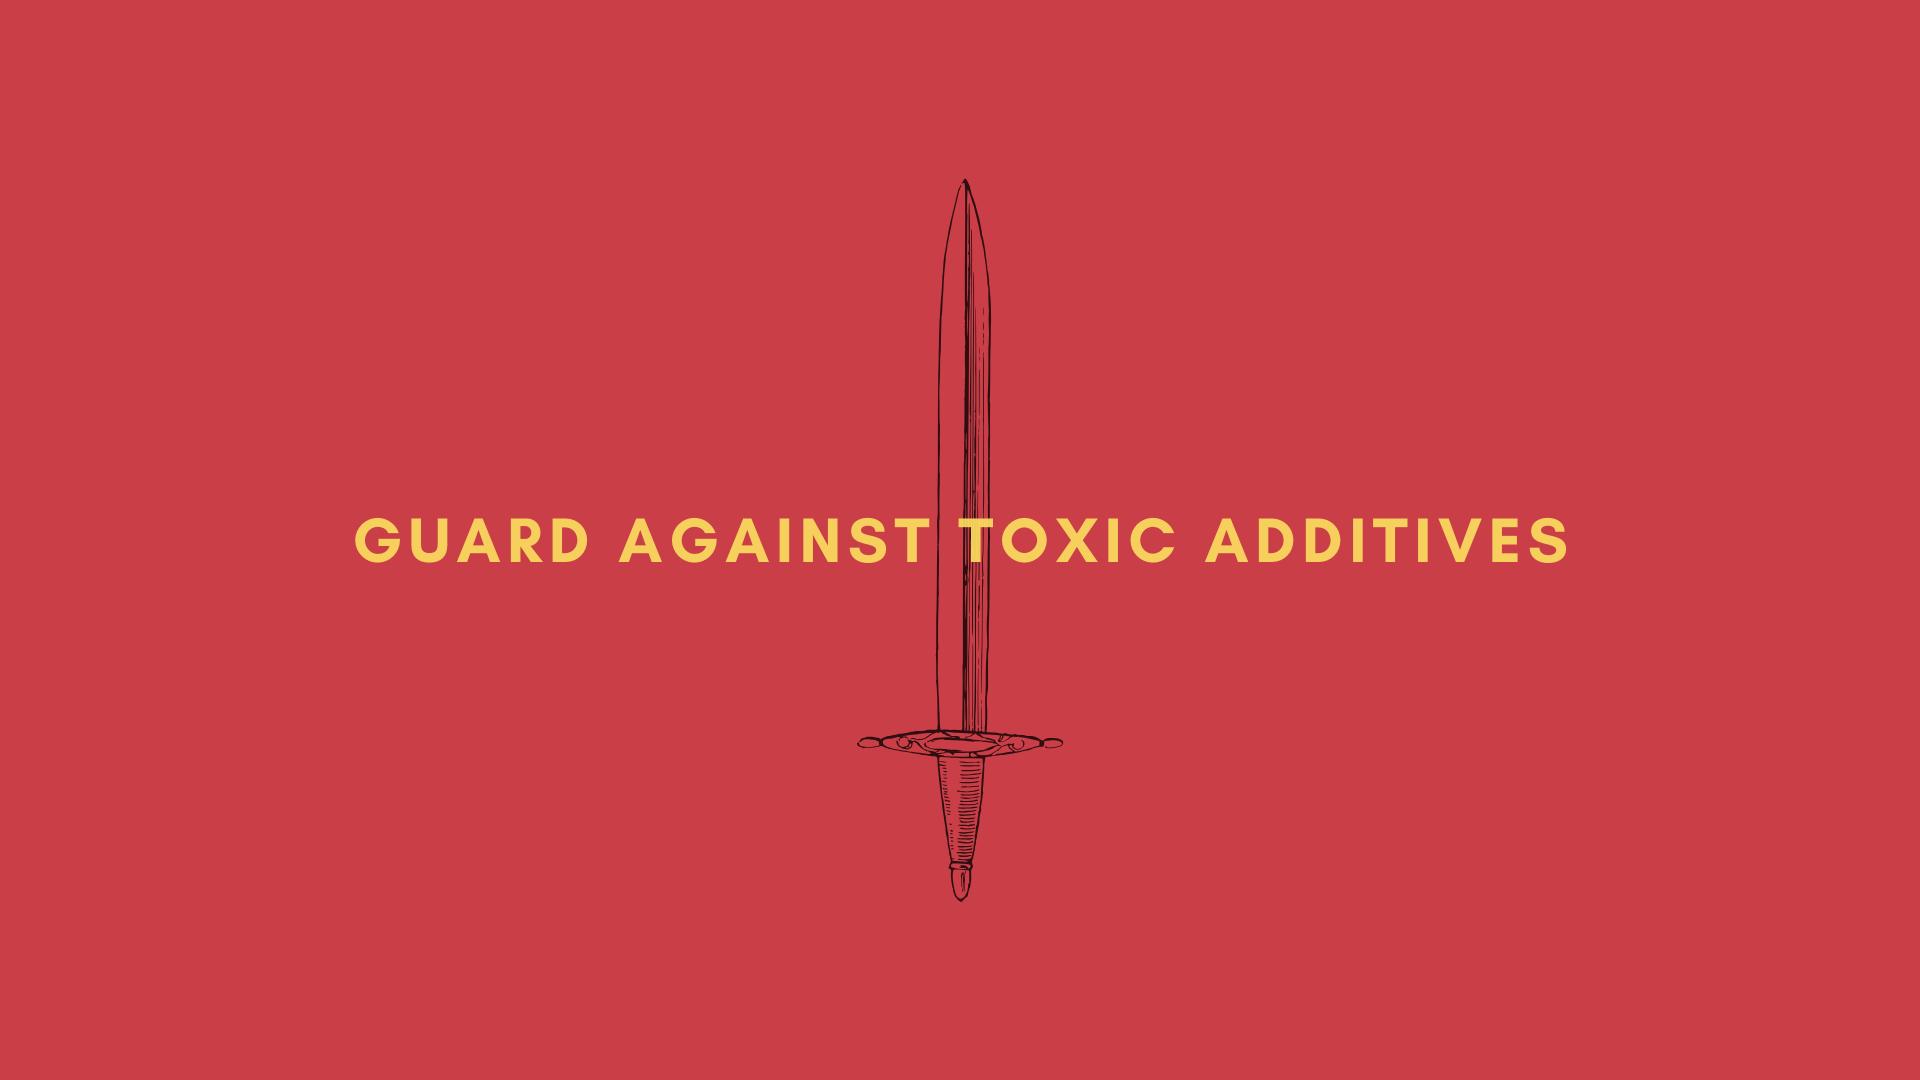 GuardAgainstToxic Additives